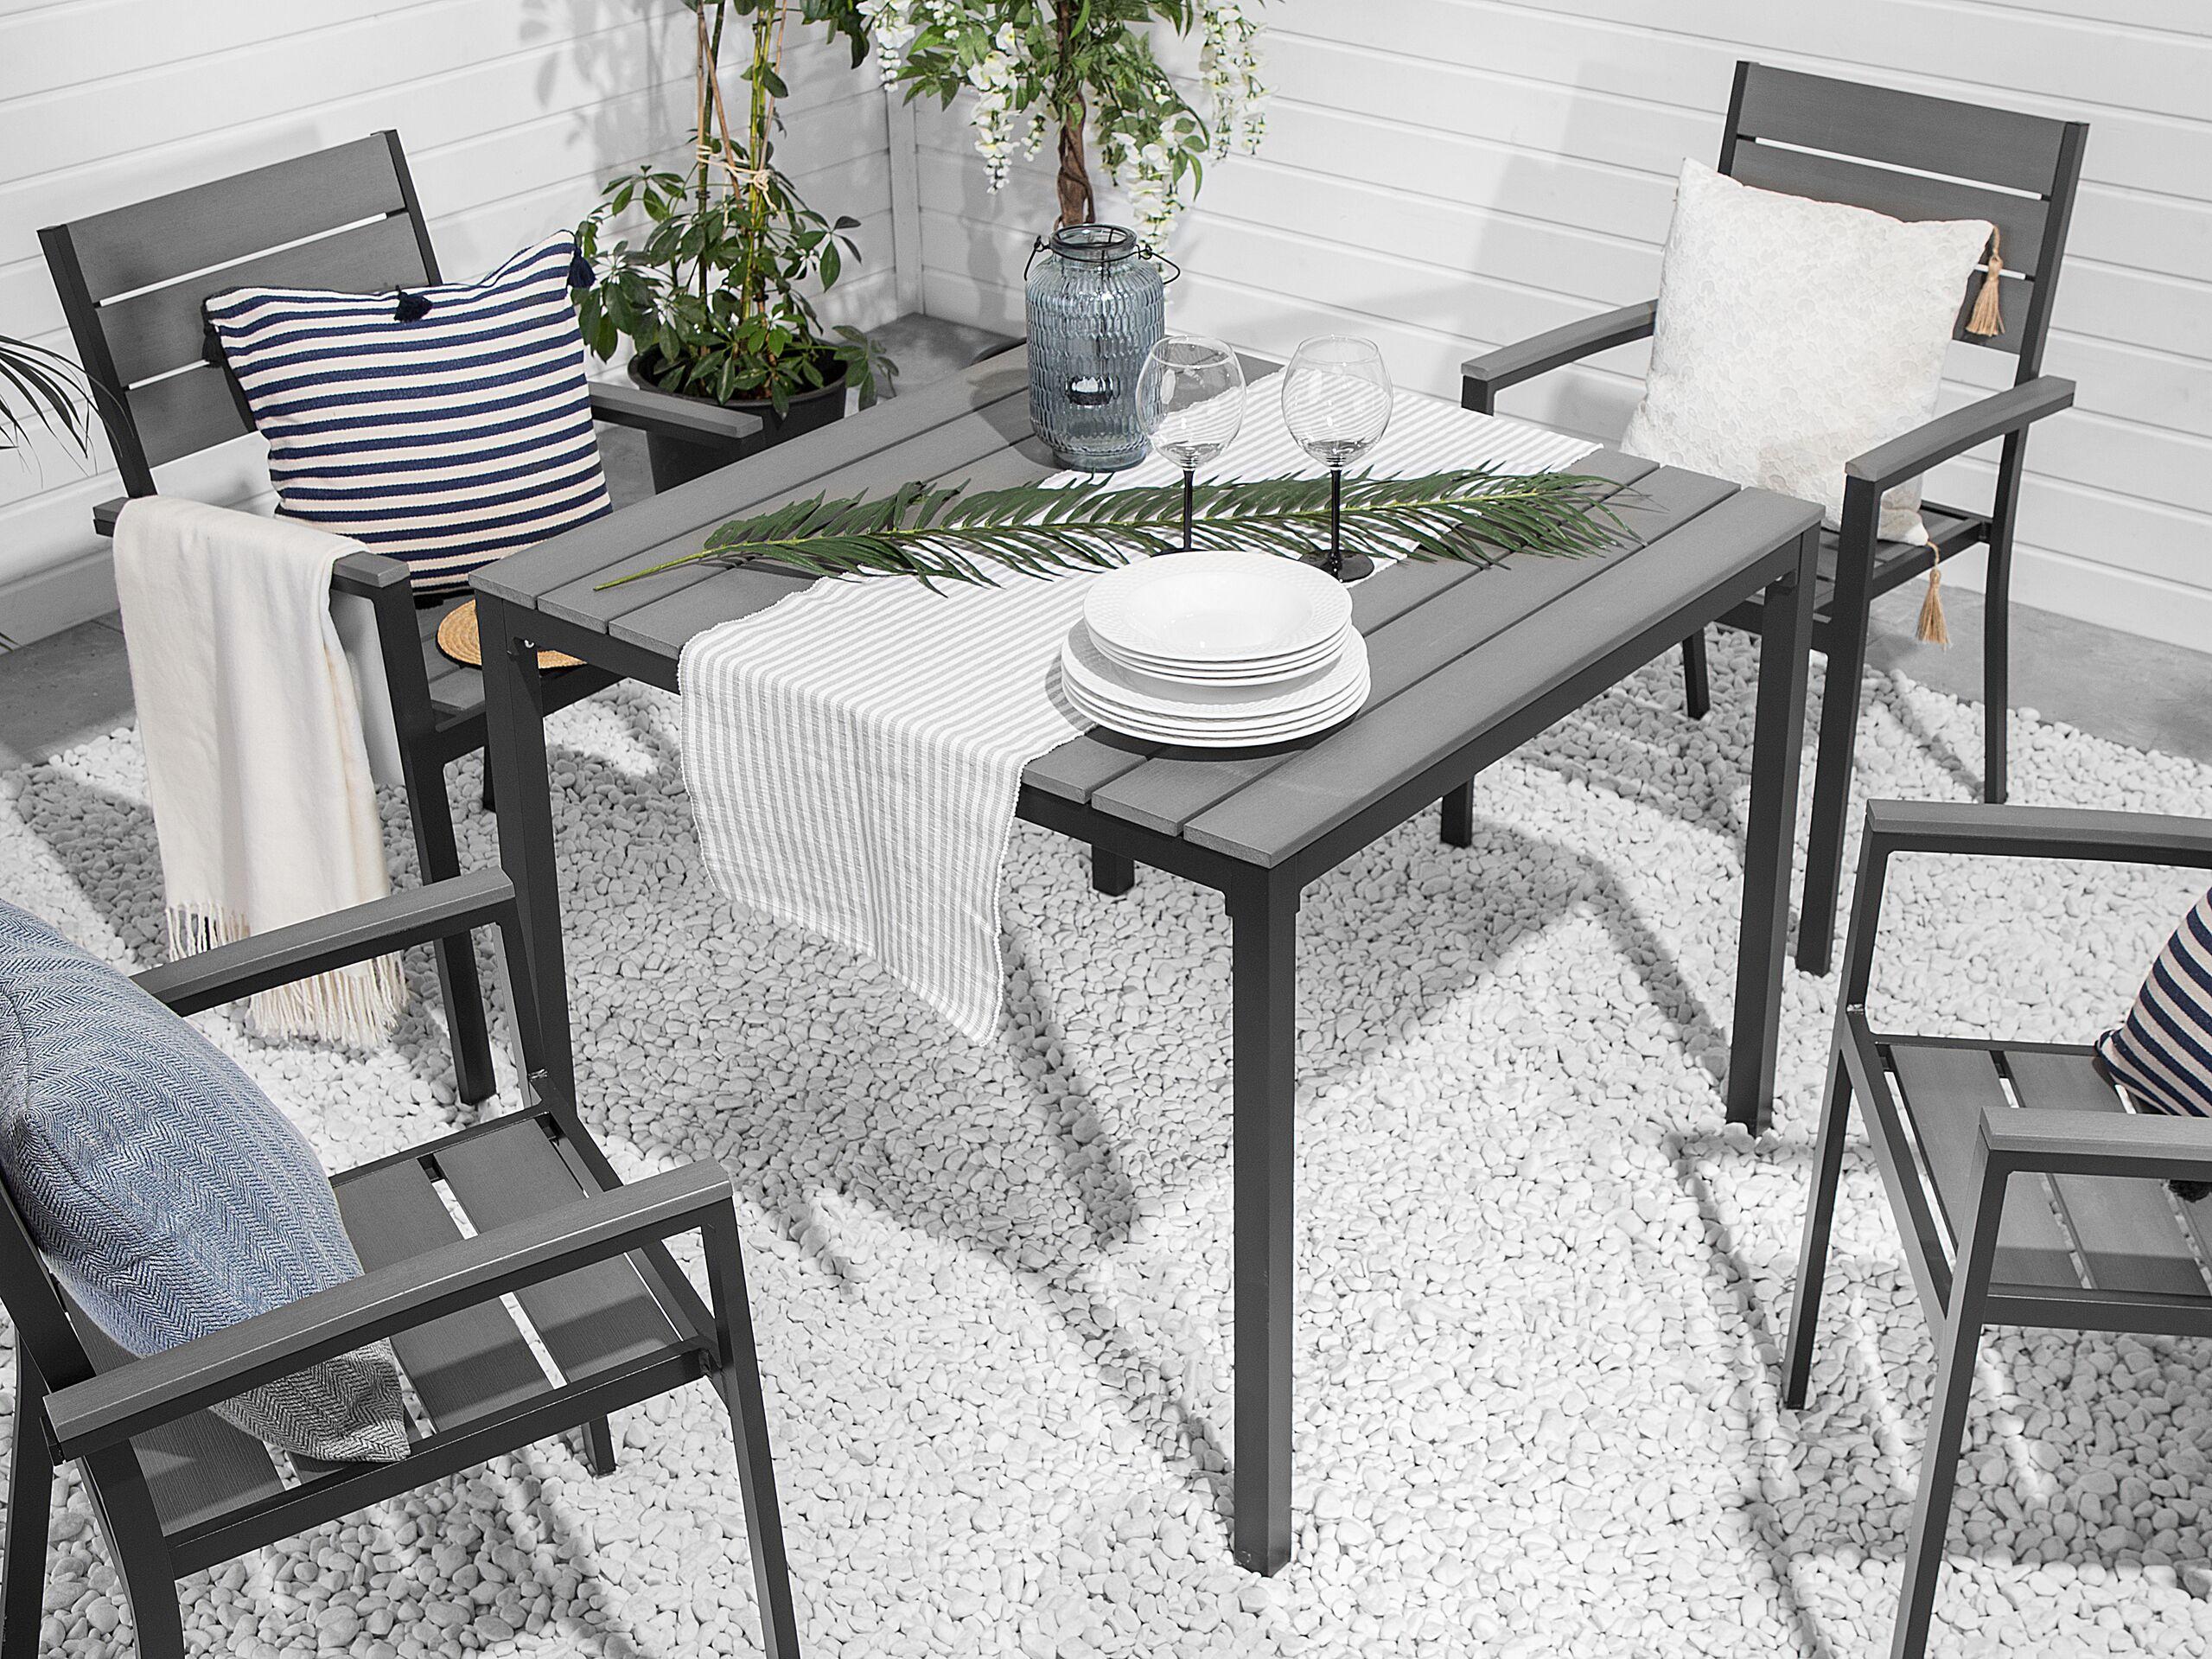 beliani tavolo da giardino in alluminio grigio e nero resistente moderno